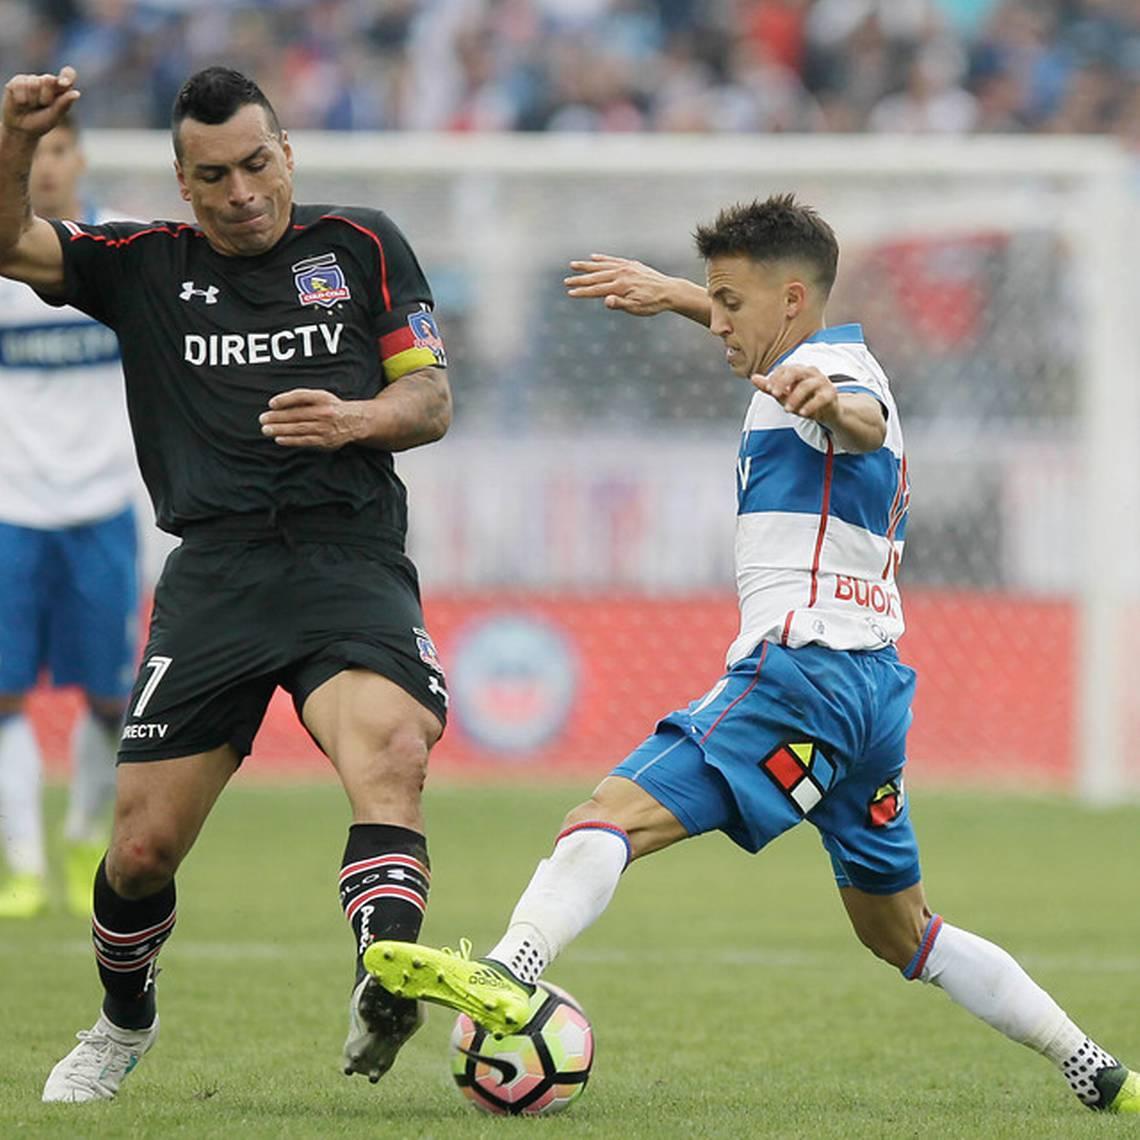 TVN transmitirá el primer clásico del año entre Colo Colo y la UC